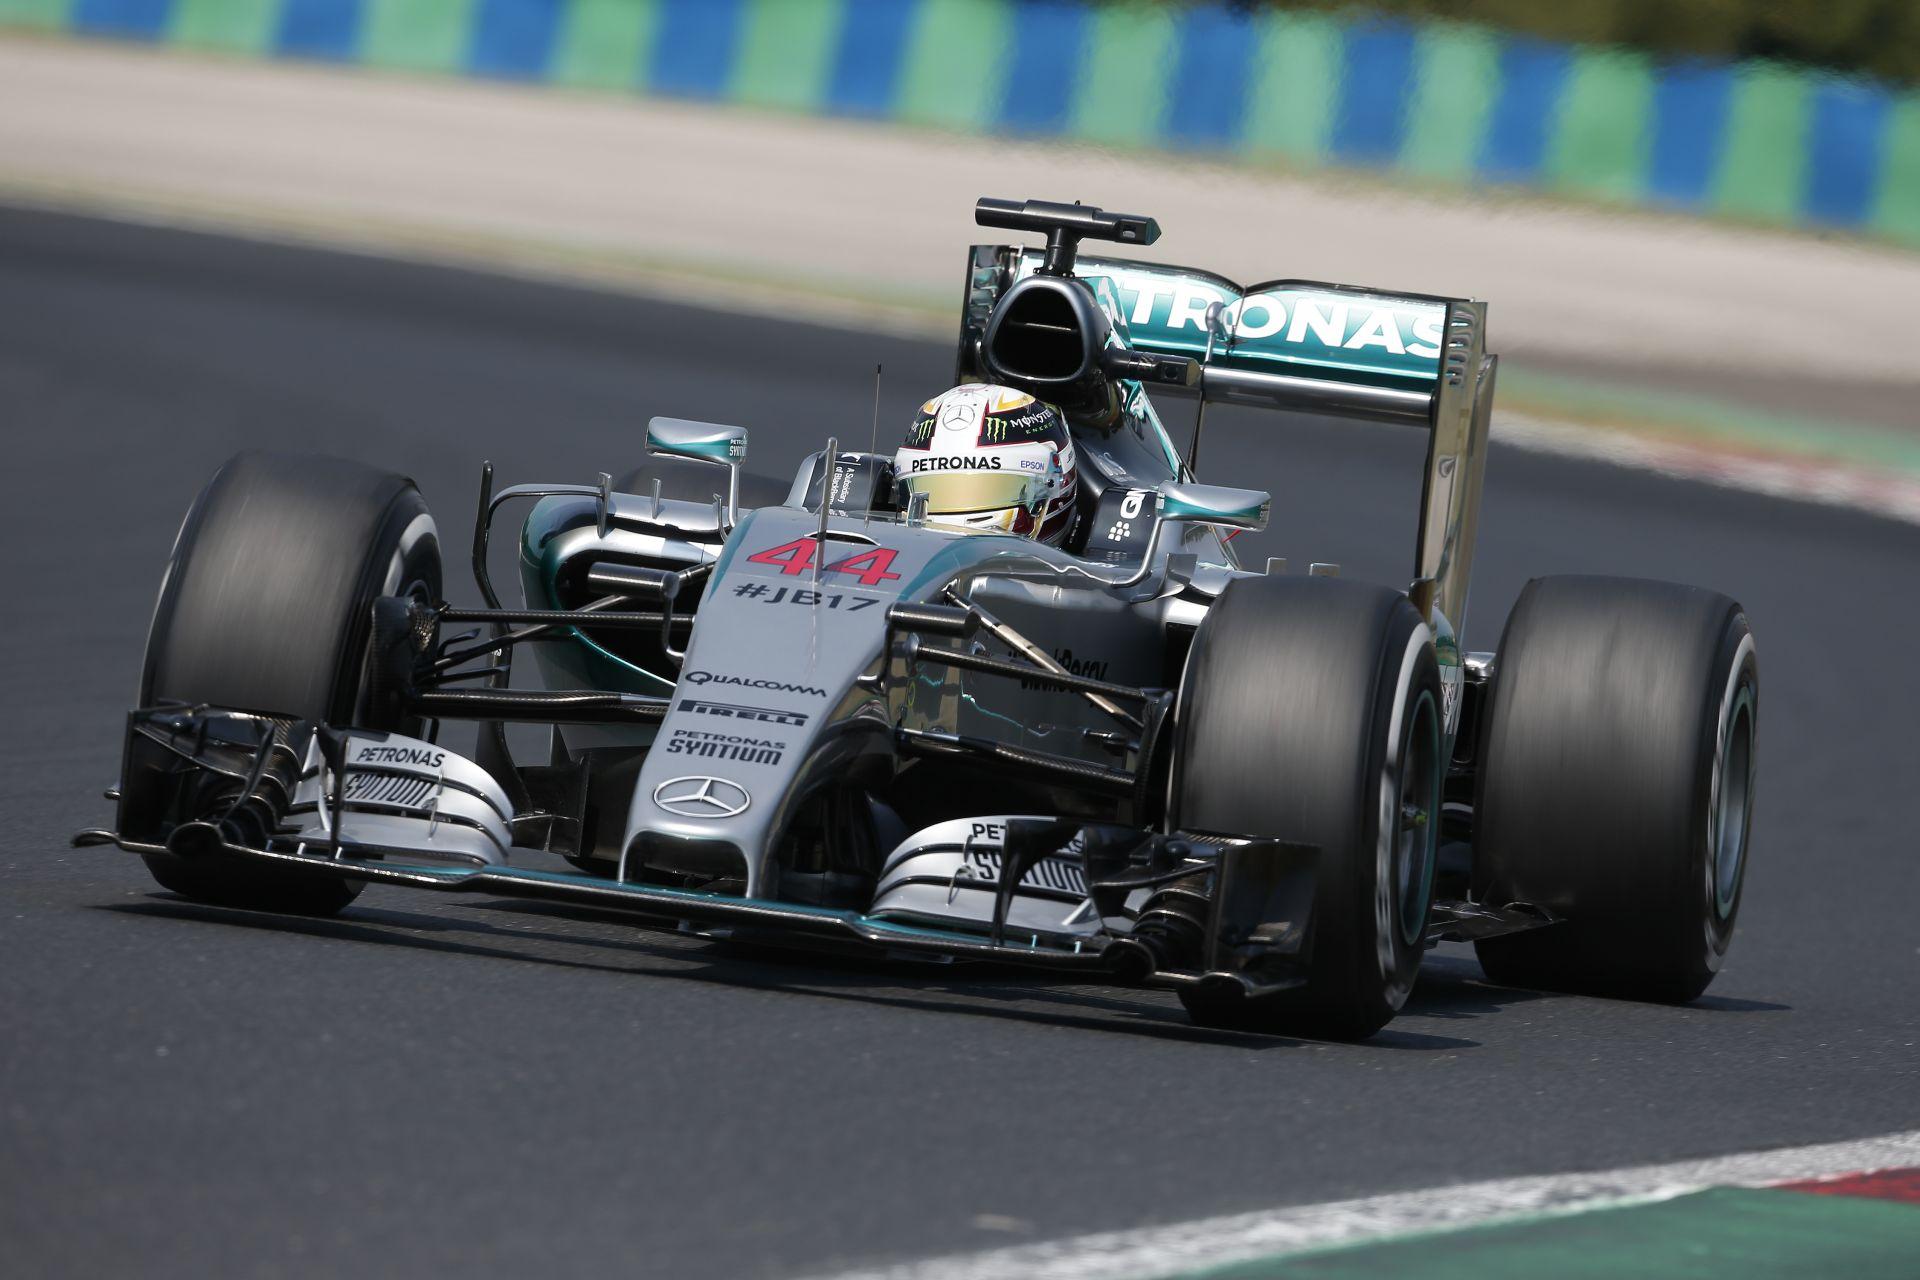 Mercedes: Ez a normál versenyzés! Gratulálunk a Ferrarinak, megérdemelték a győzelmet!